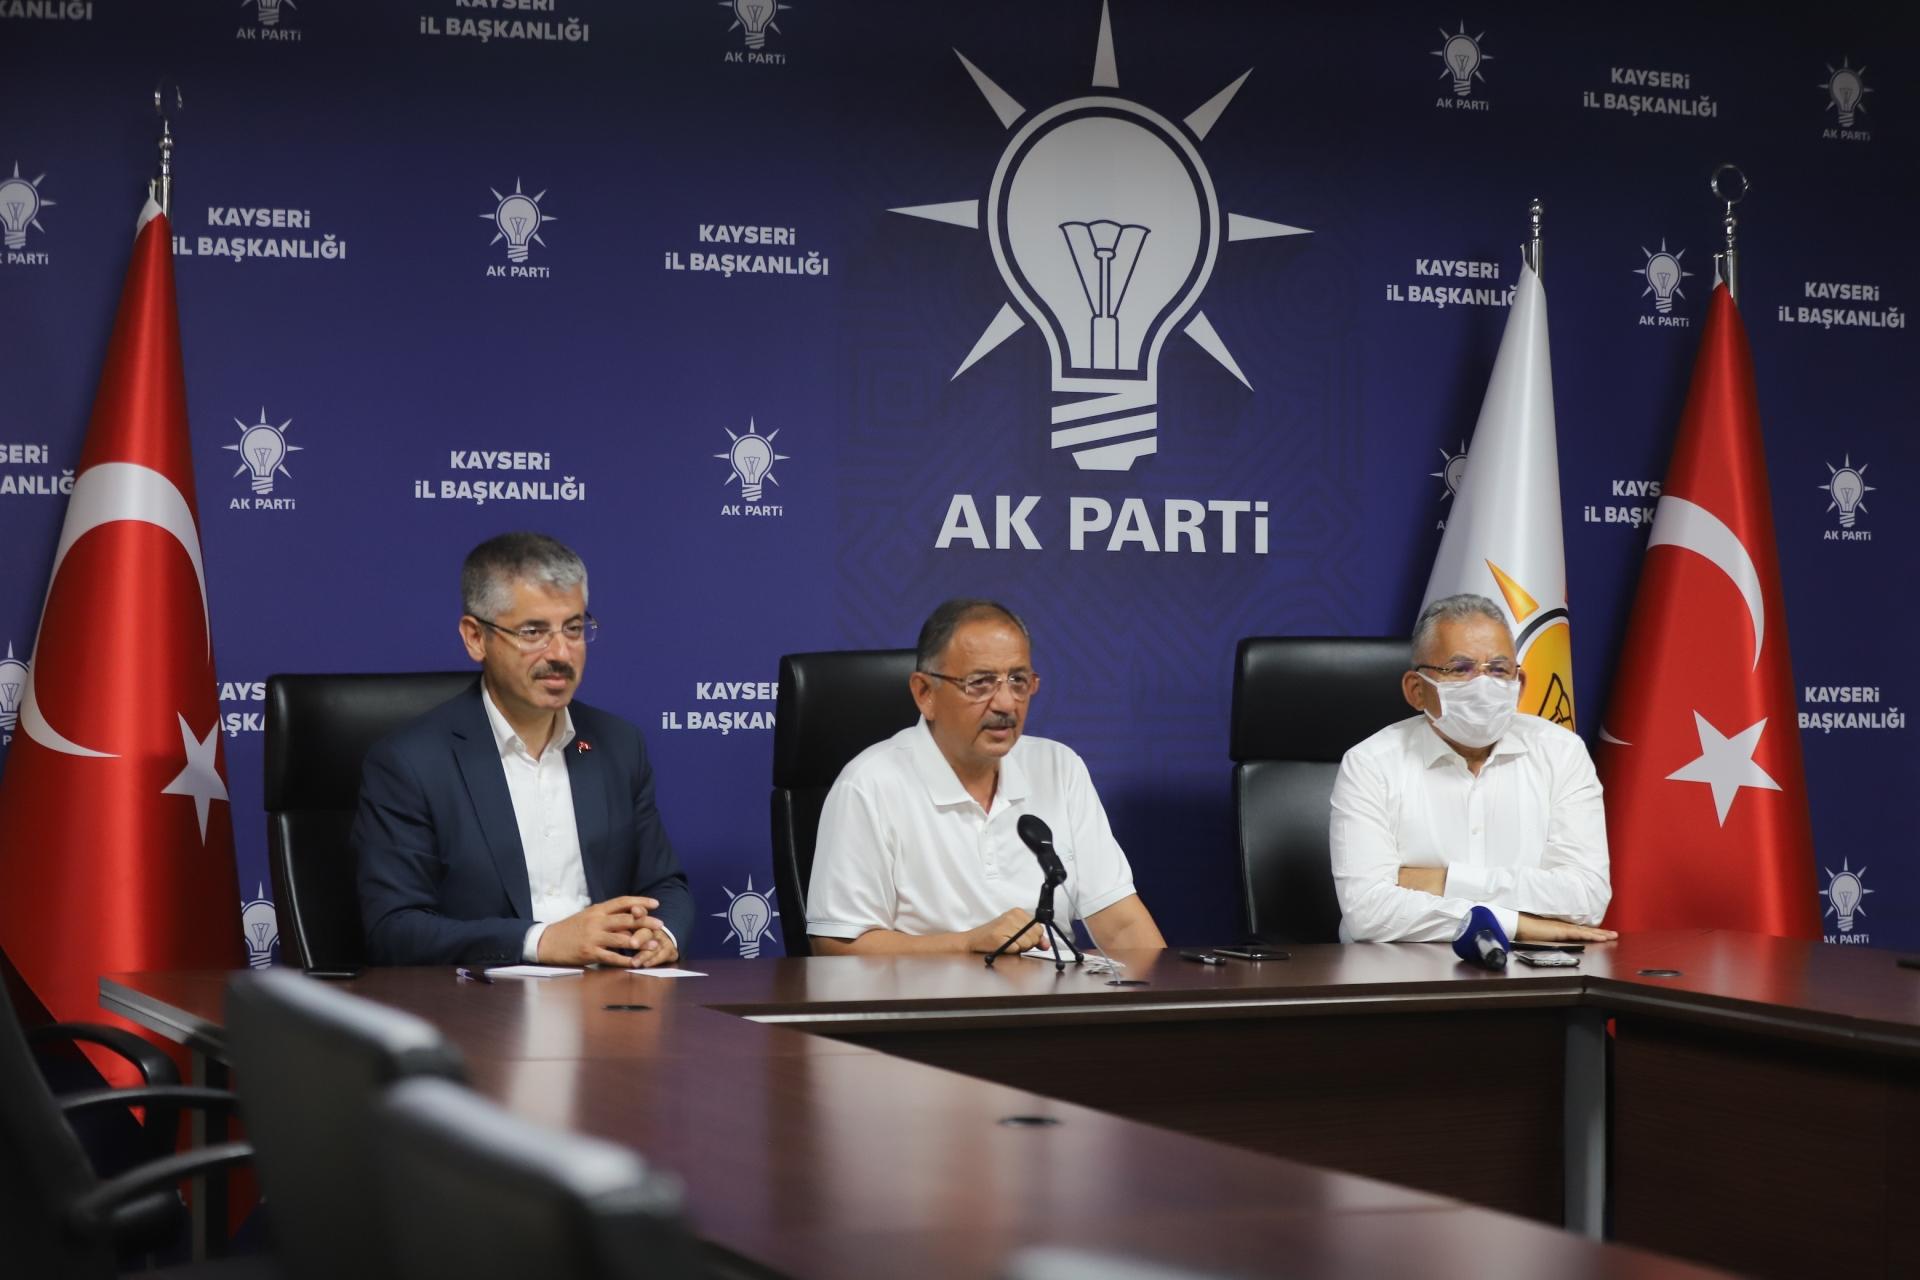 Büyükkılıç, AK Parti Teşkilatı İle Bayramlaştı